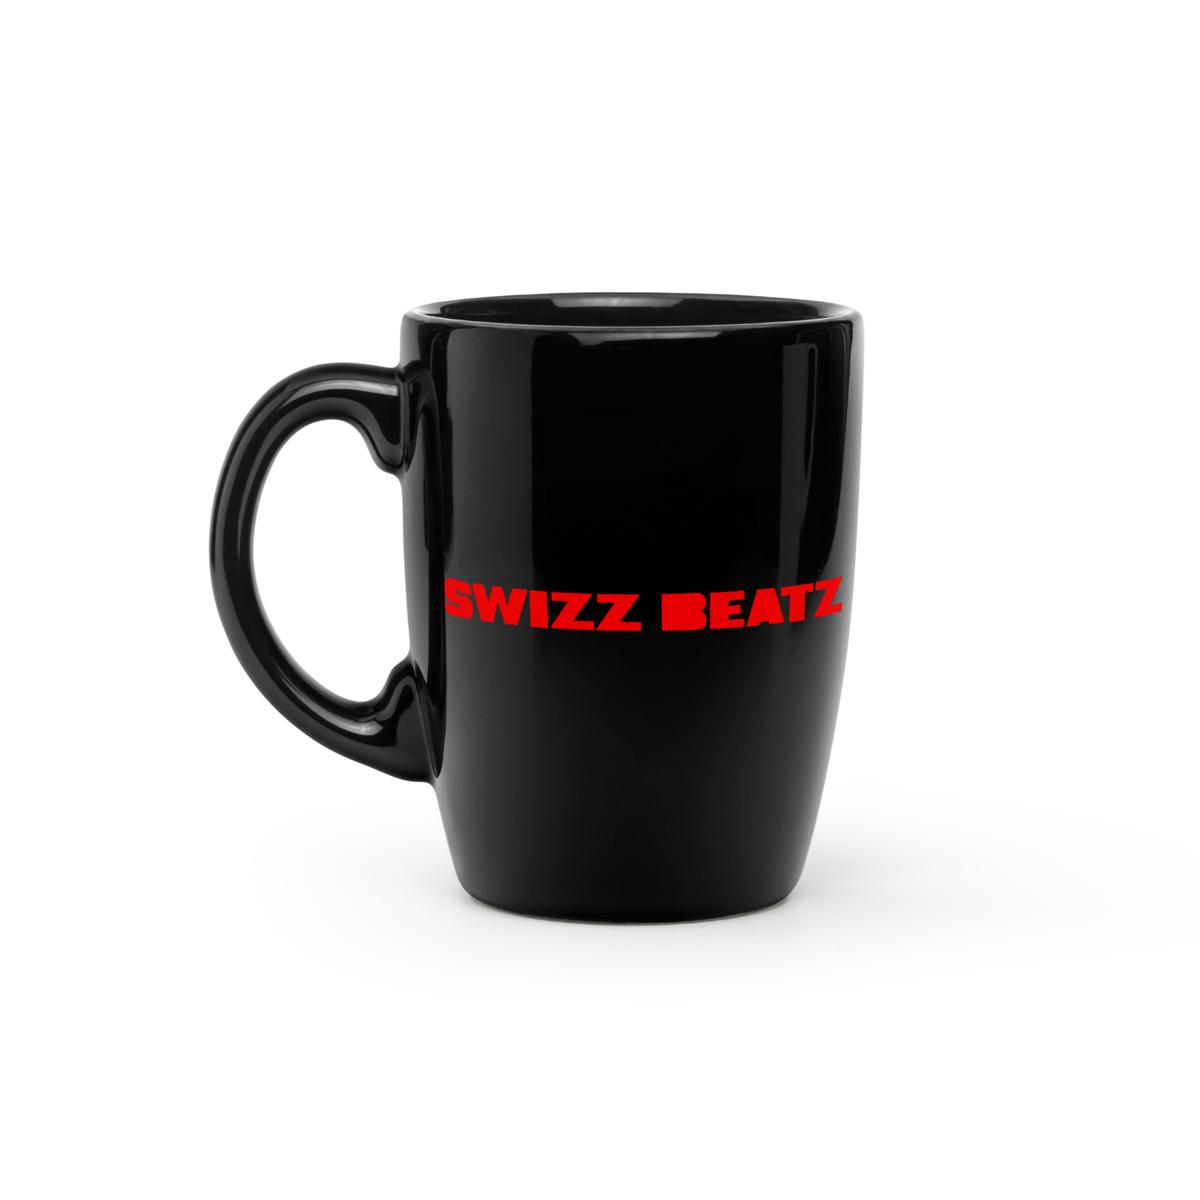 Poison mug + digital download